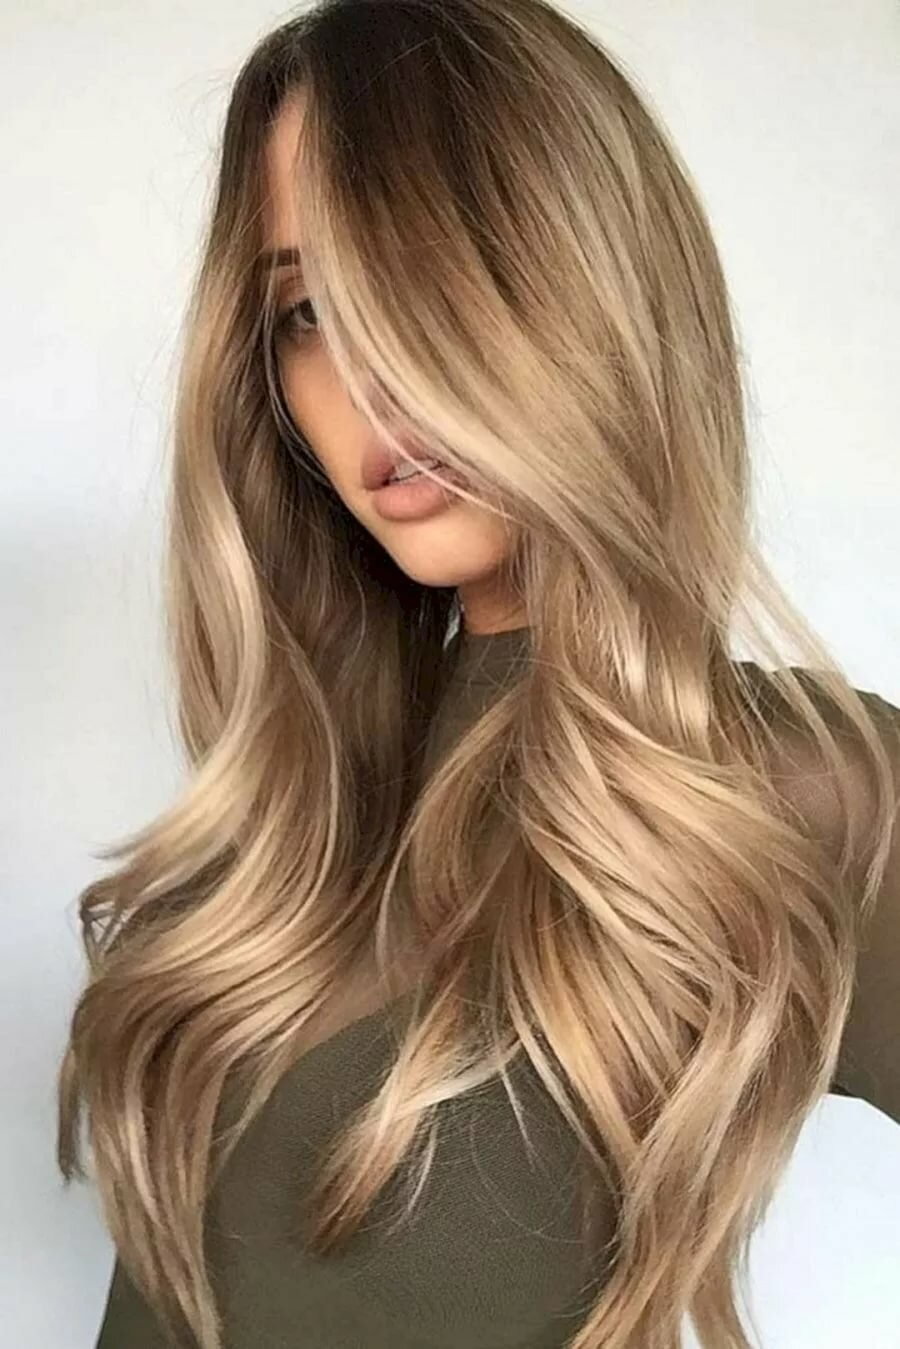 резьба, покрасить волосы в светлый цвет фото такая сахарница